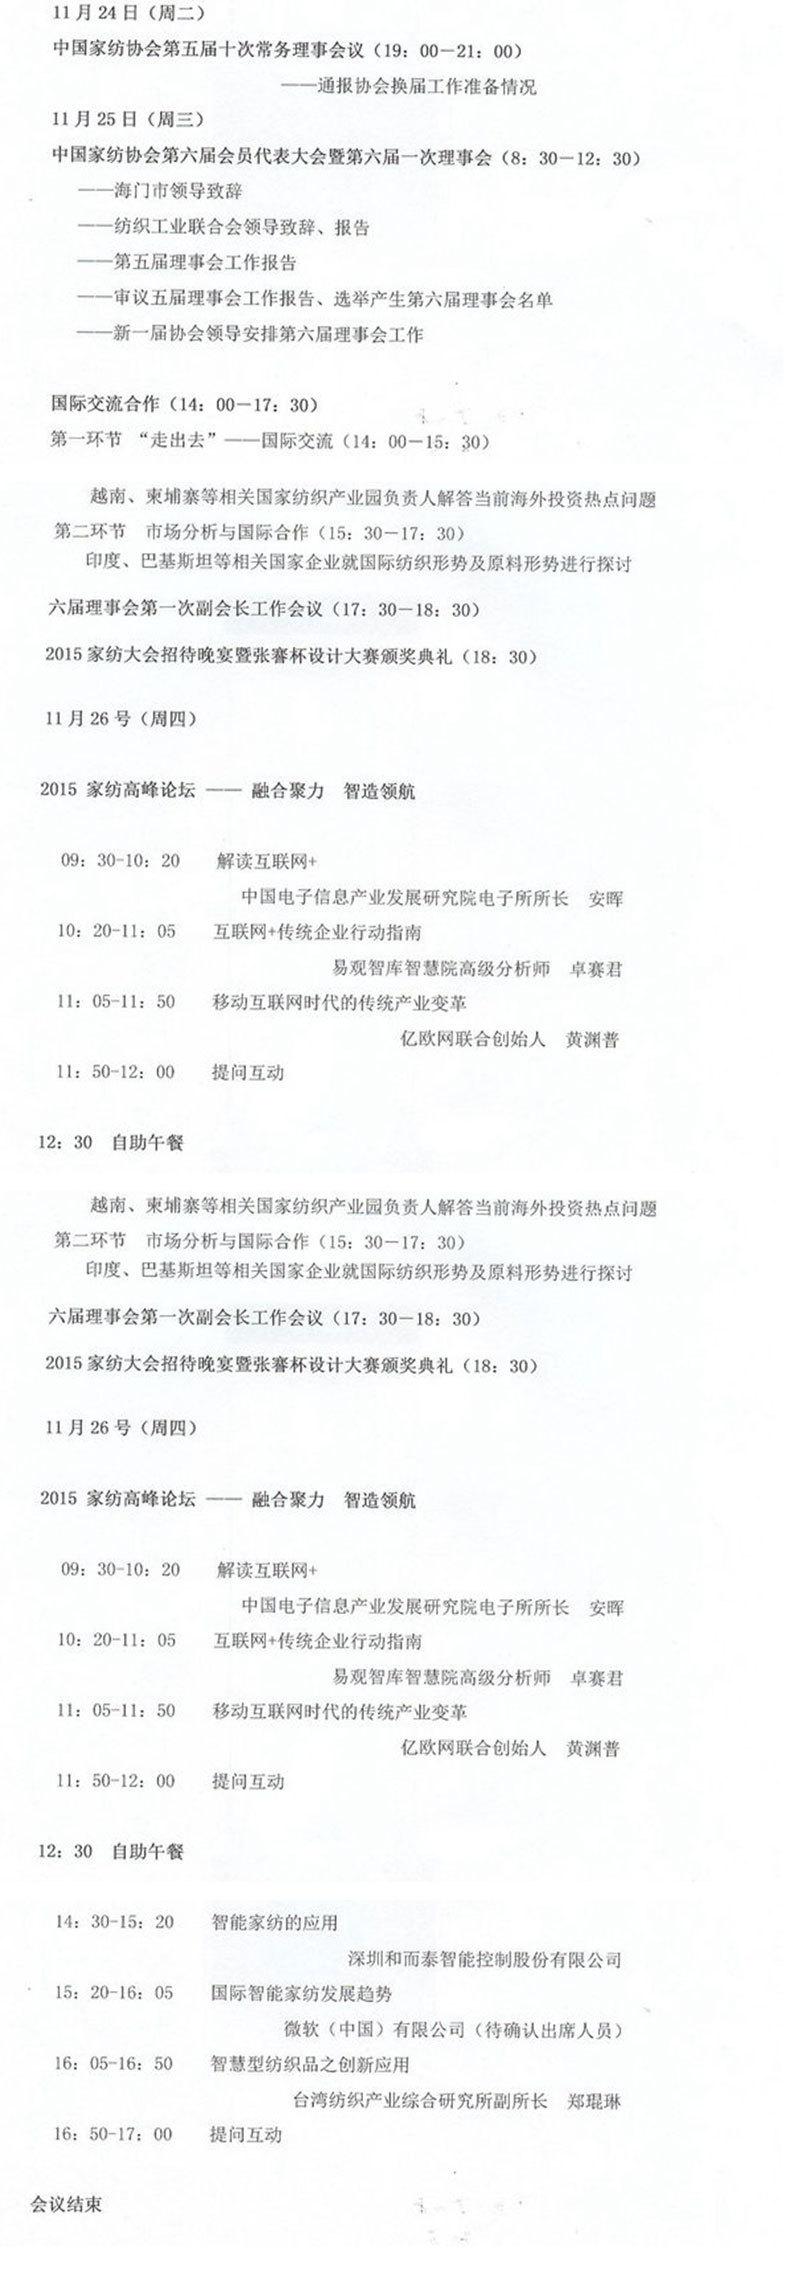 2015中国家纺大会暨中国家纺协会第六届会员大会